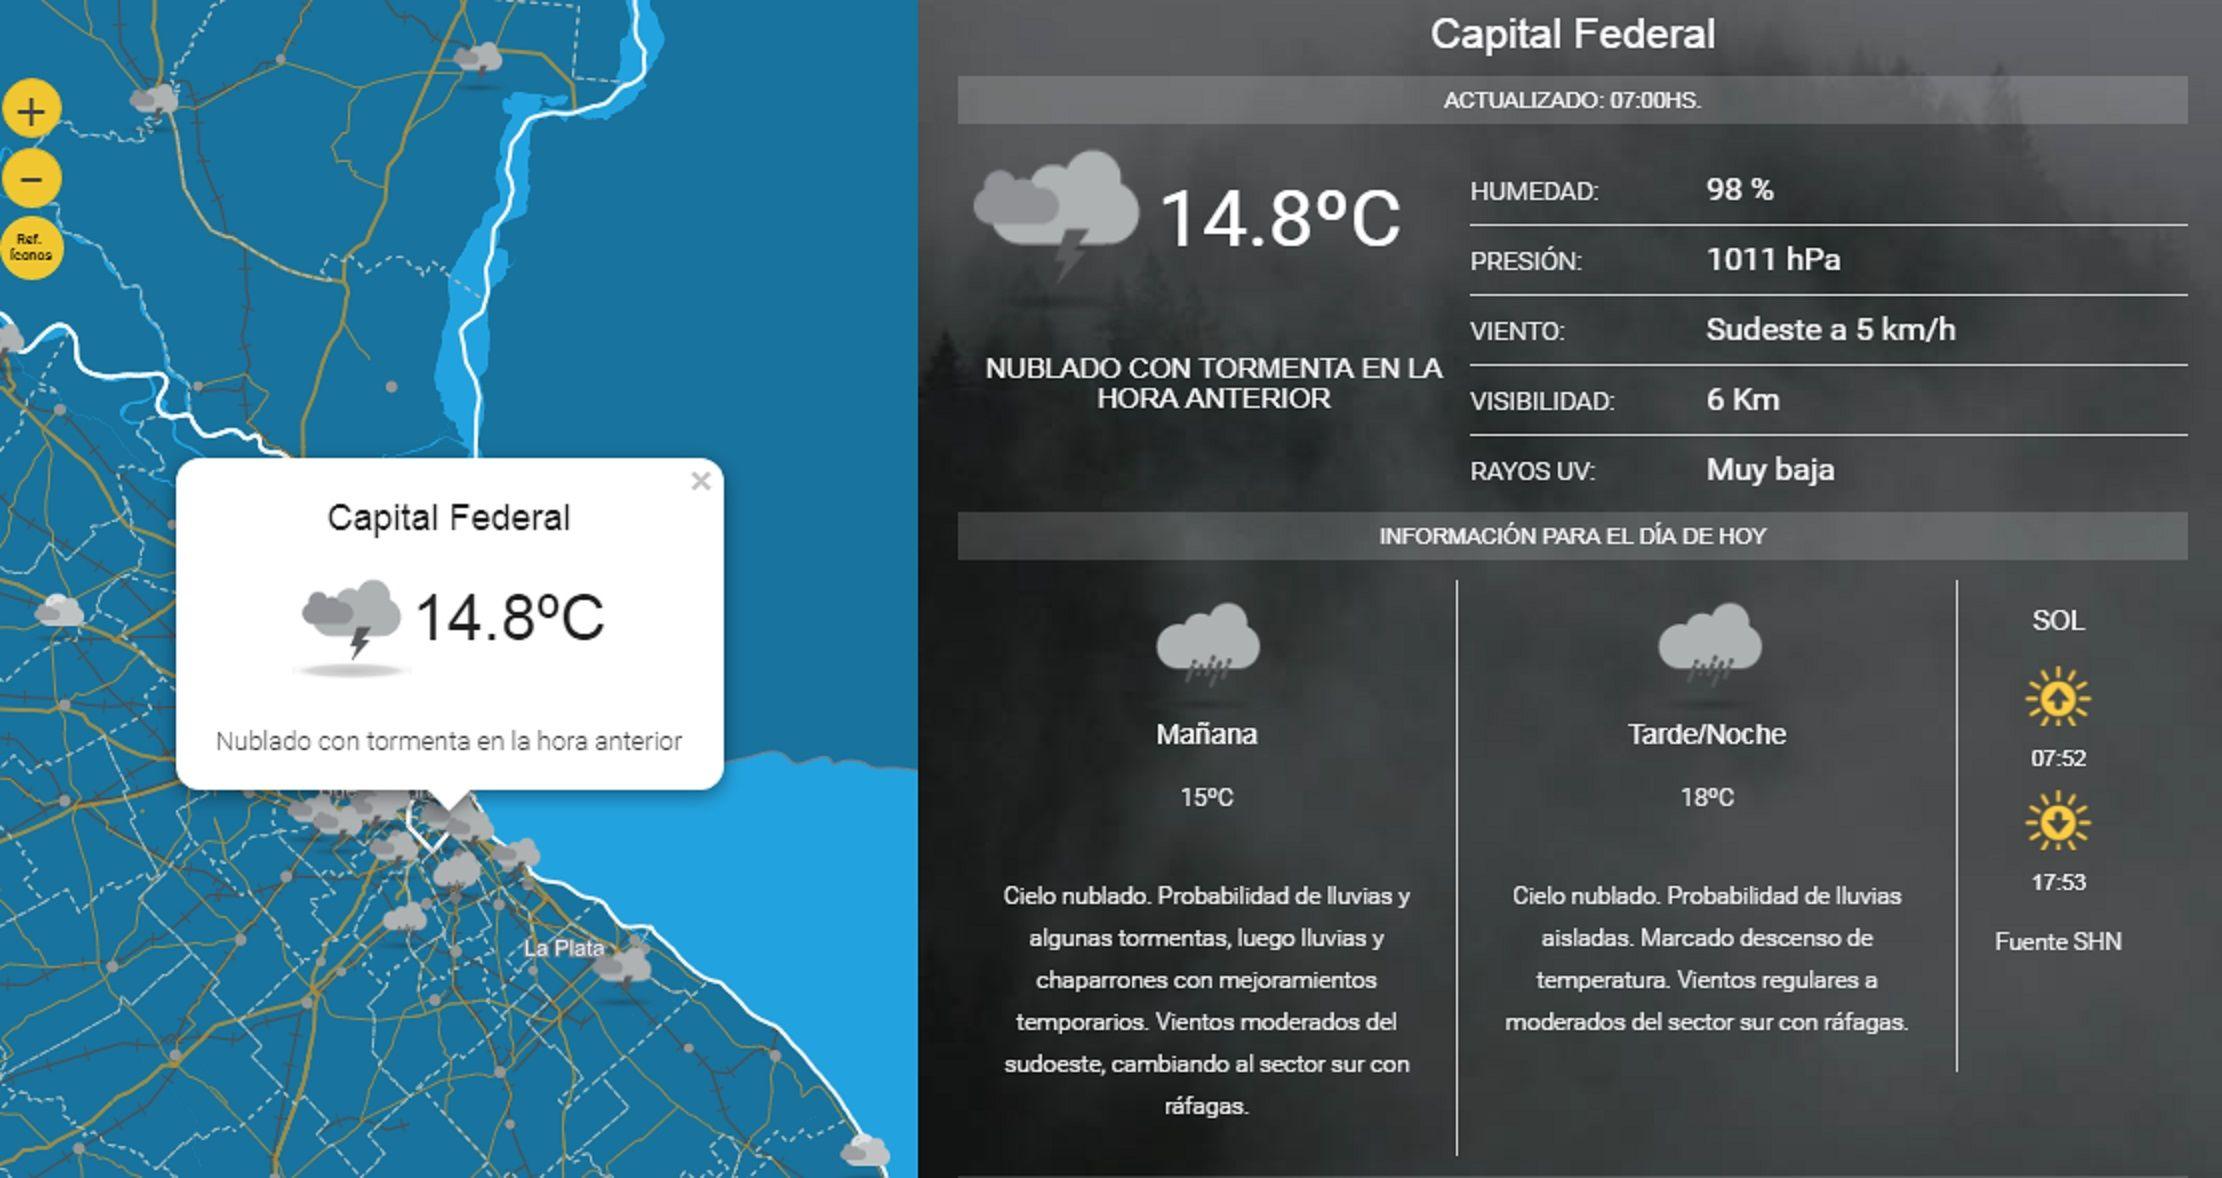 Clima: ¿hasta cuándo va a llover en la Ciudad?